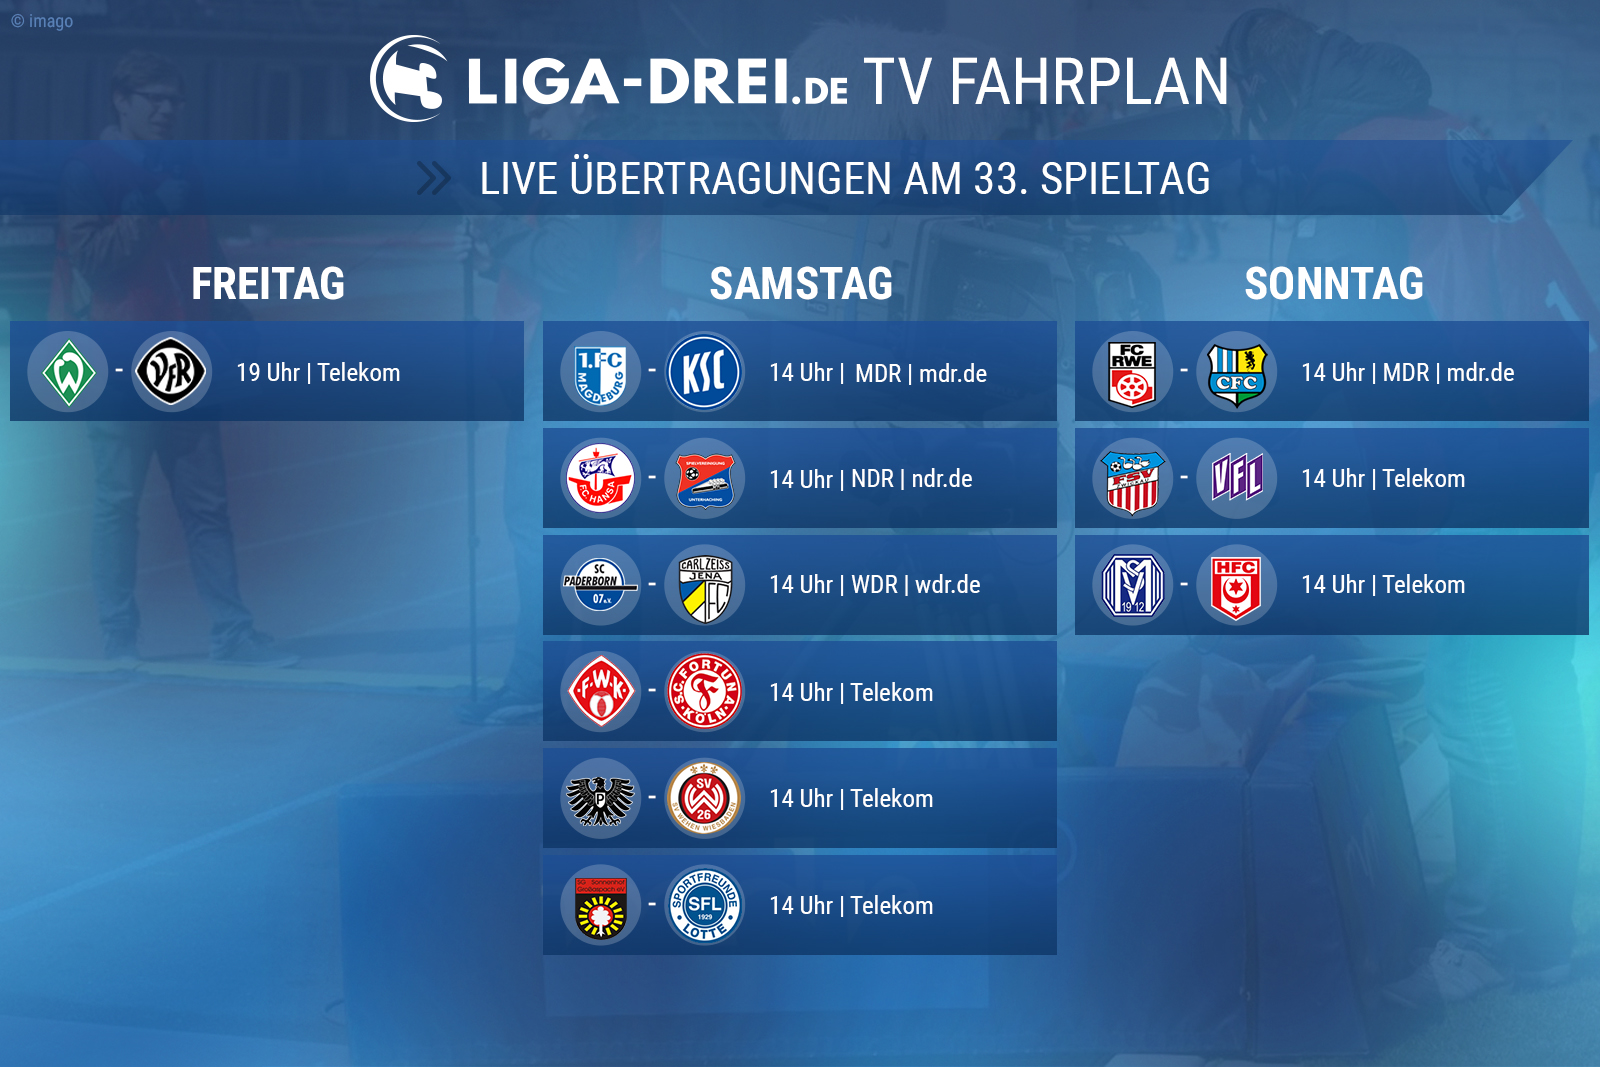 TV-Fahrplan am 33. Spieltag